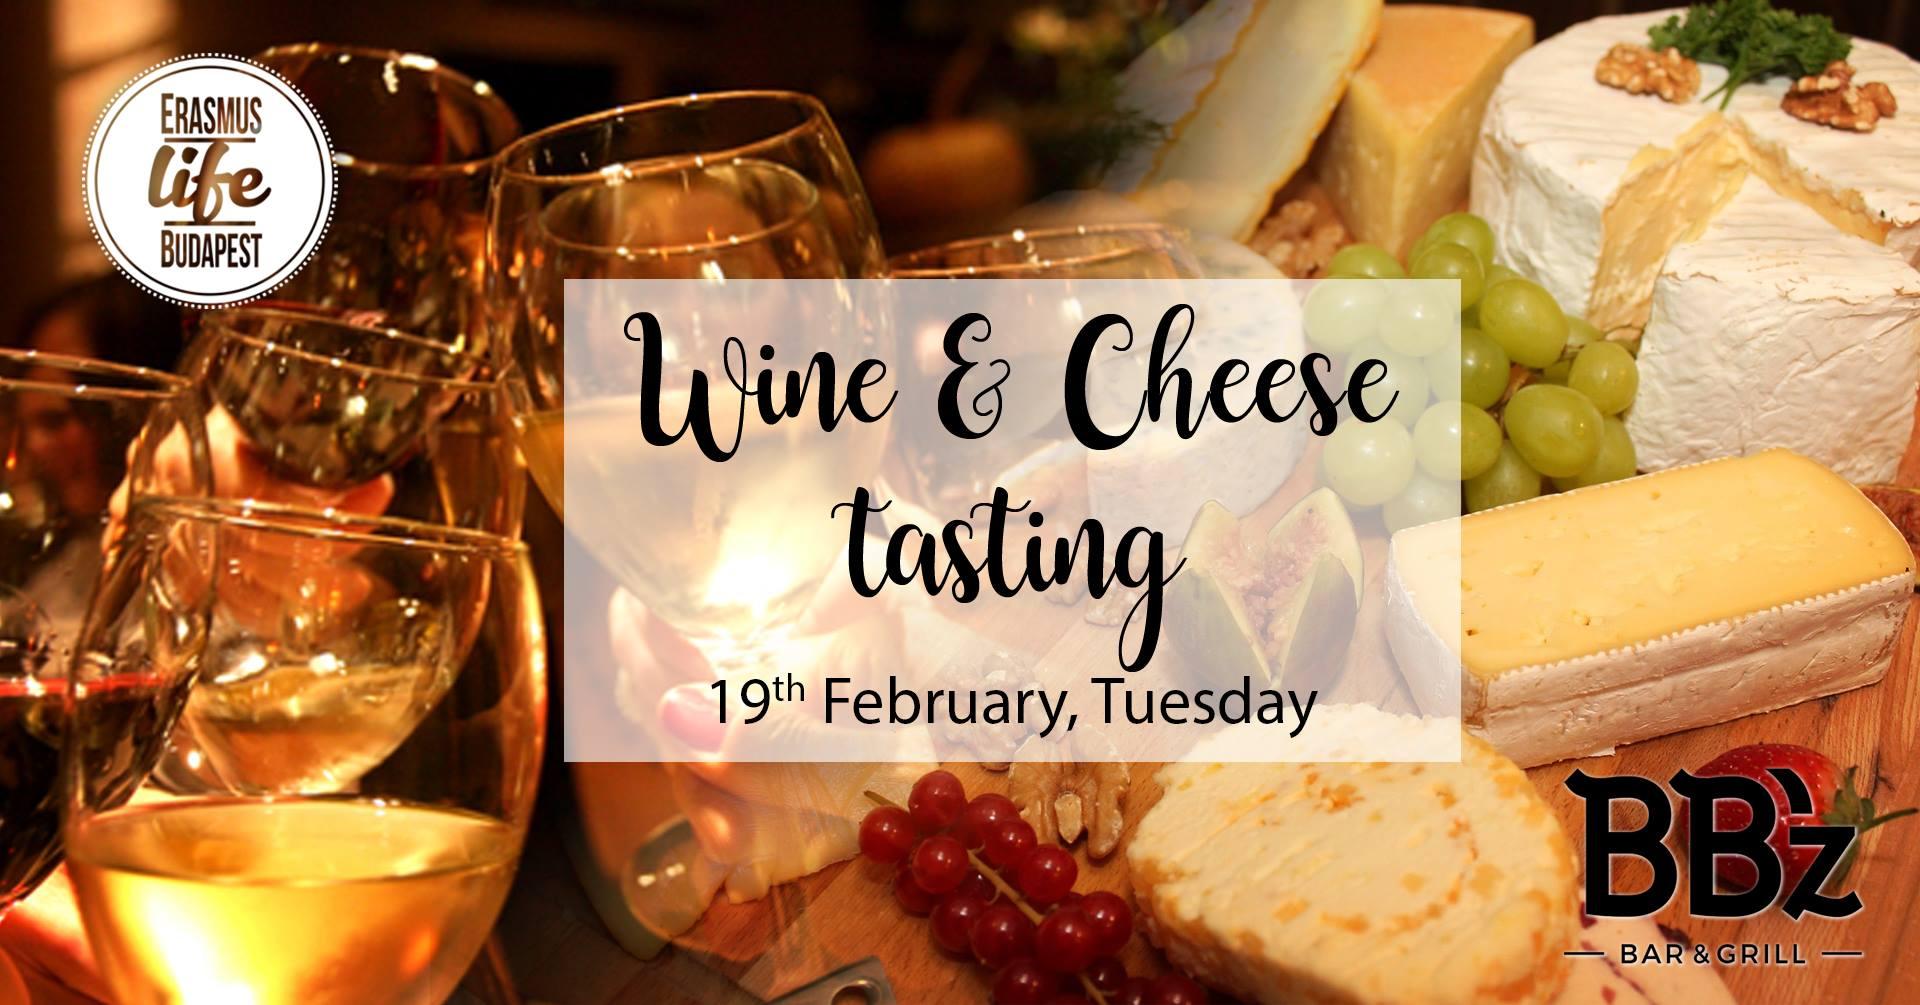 Hungarian Wine & Cheese Tasting w/ Erasmus Life Budapest -19 Feb